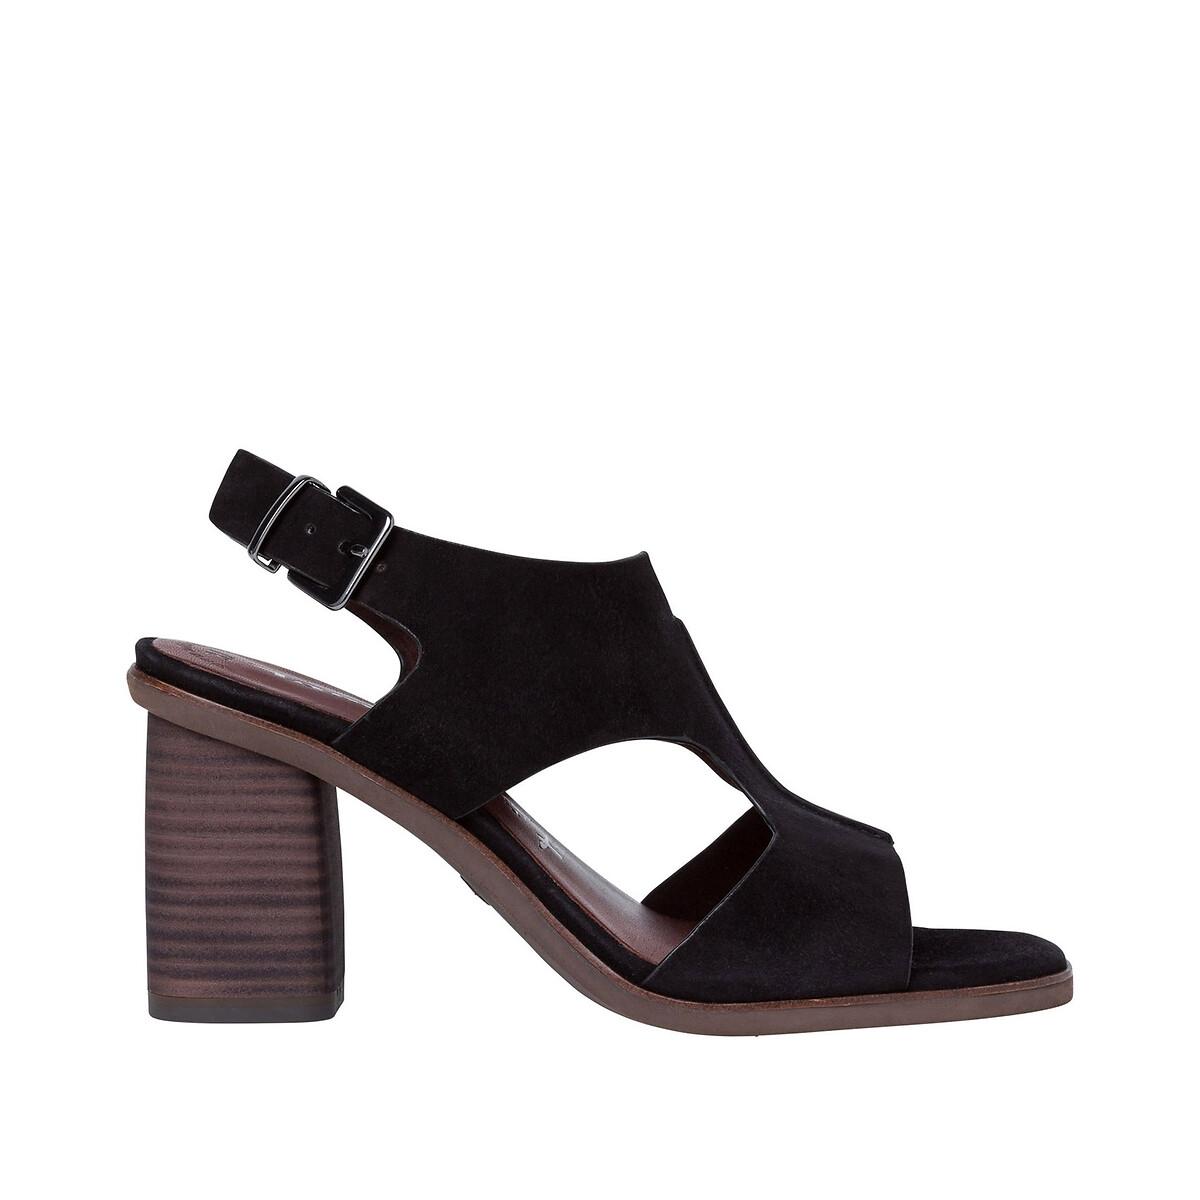 цена Босоножки La Redoute Кожаные на каблуке Naomy 36 черный онлайн в 2017 году